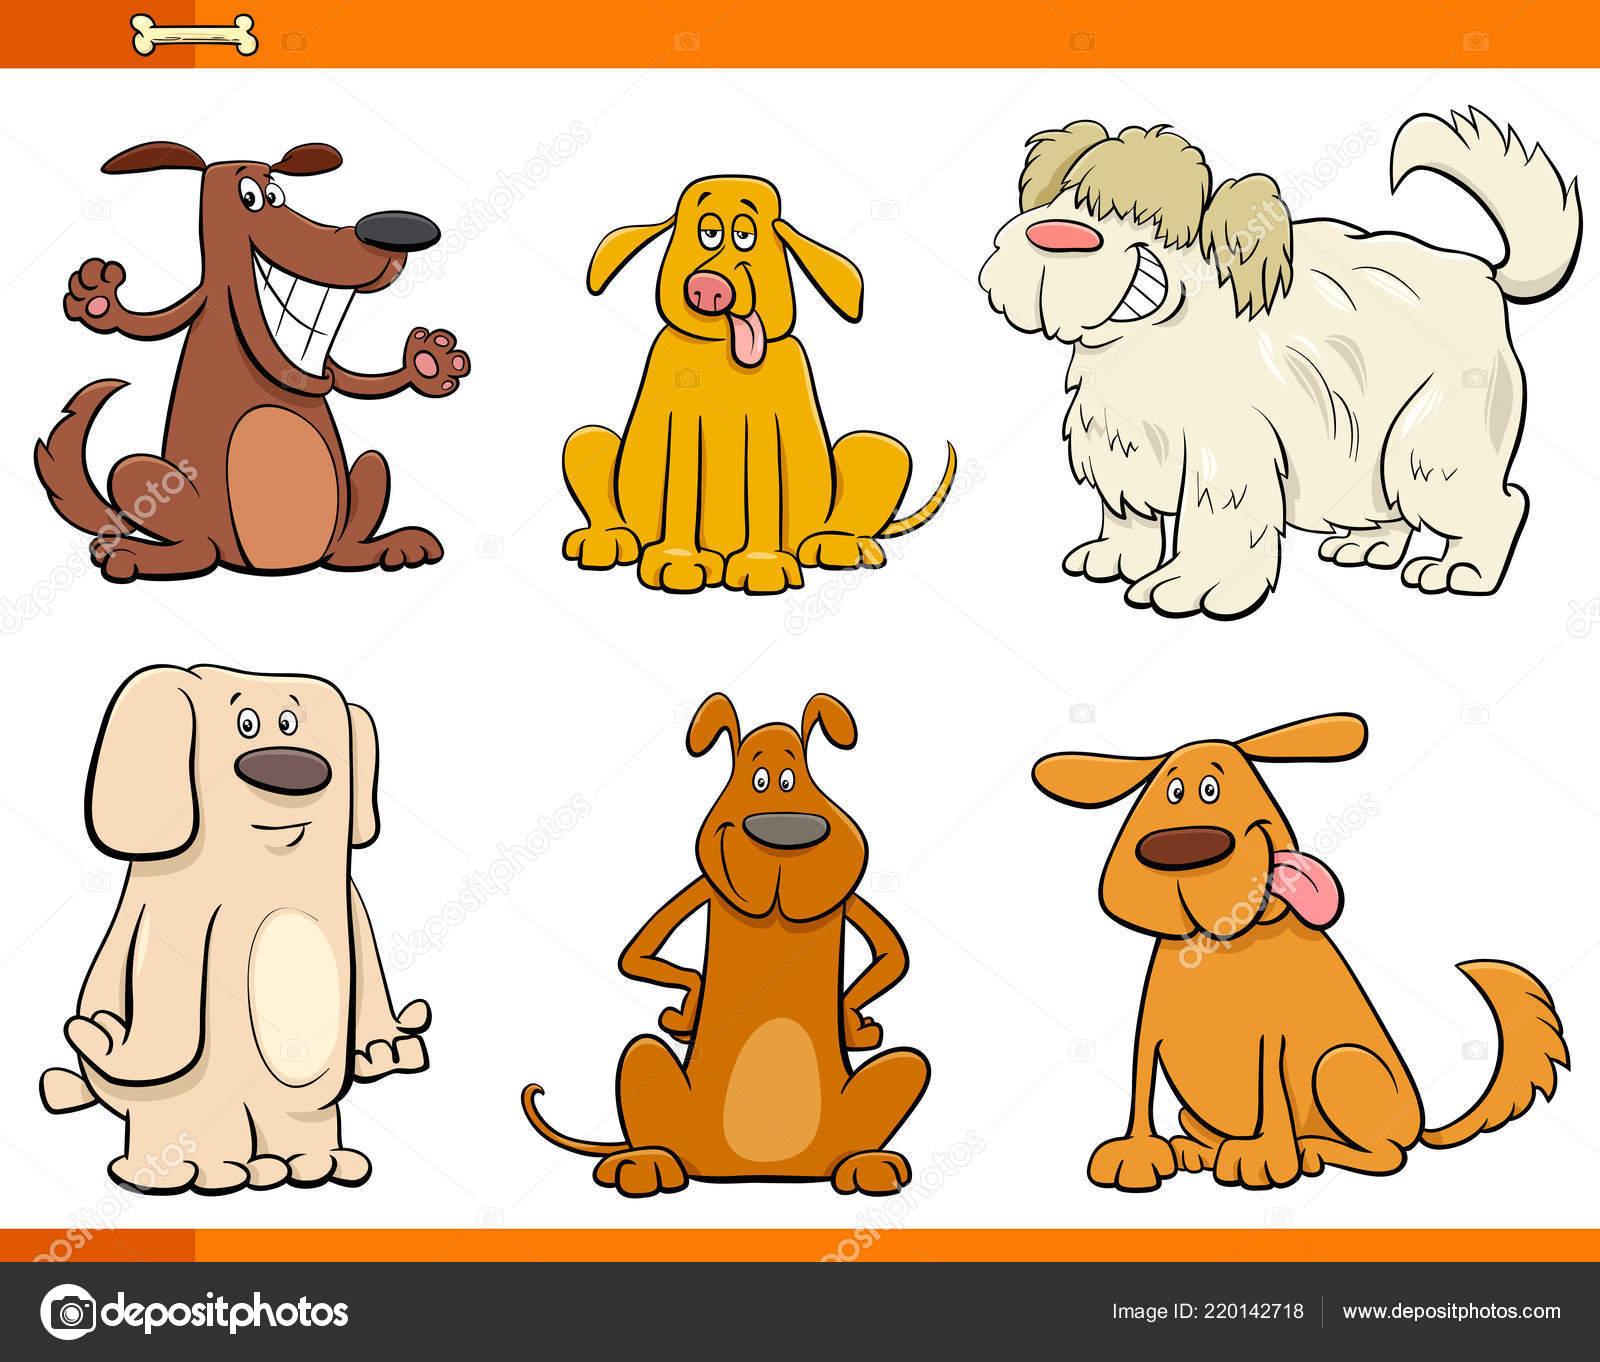 Komik Köpek Veya Yavru Hayvan Karakter Kümesi Karikatür çizimi